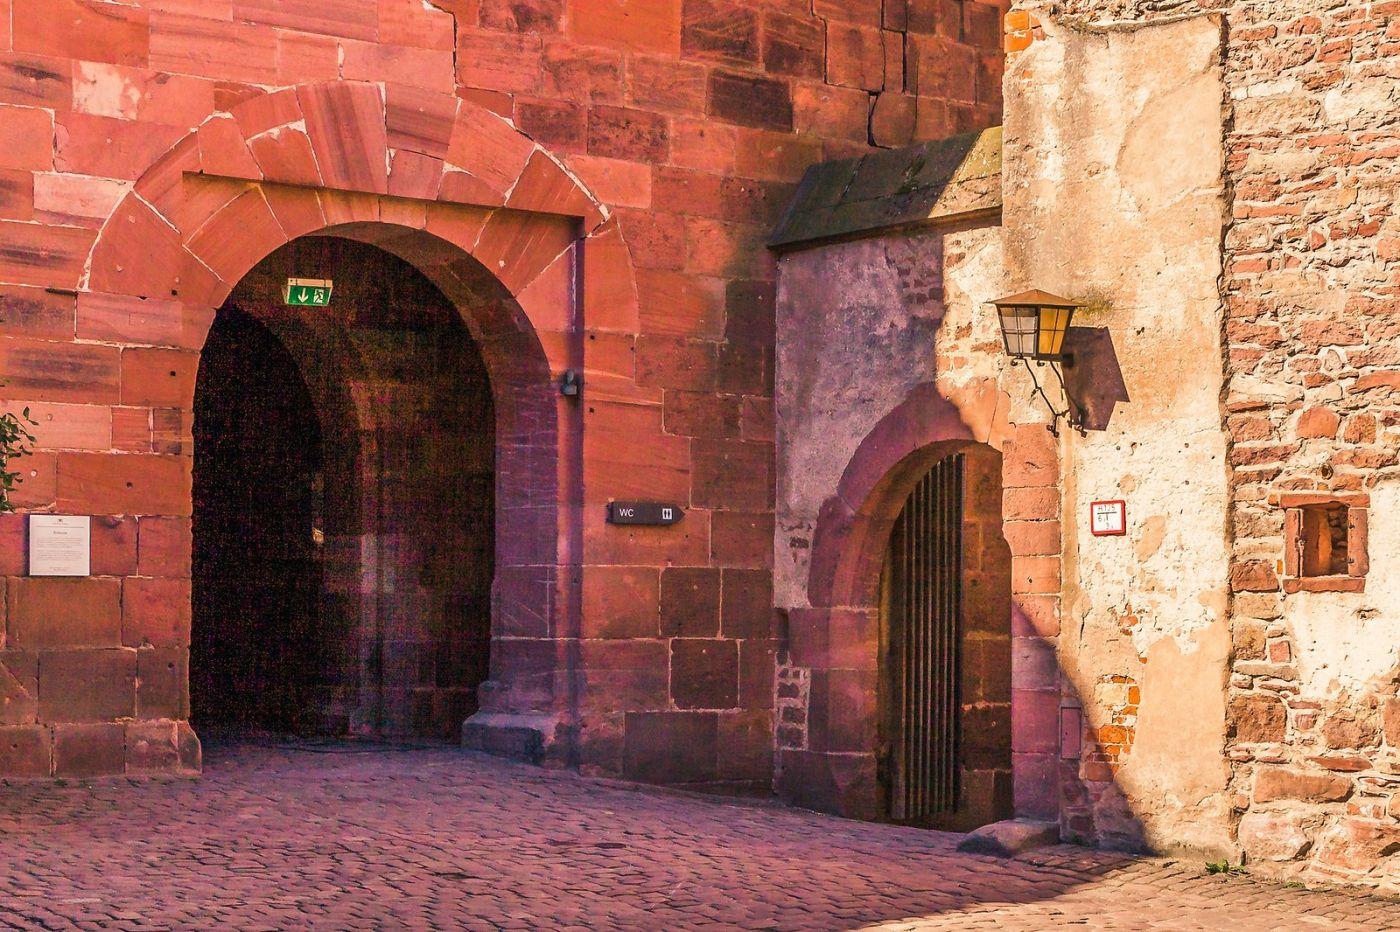 德国曼海姆(Mannheim),古城遗迹_图1-6